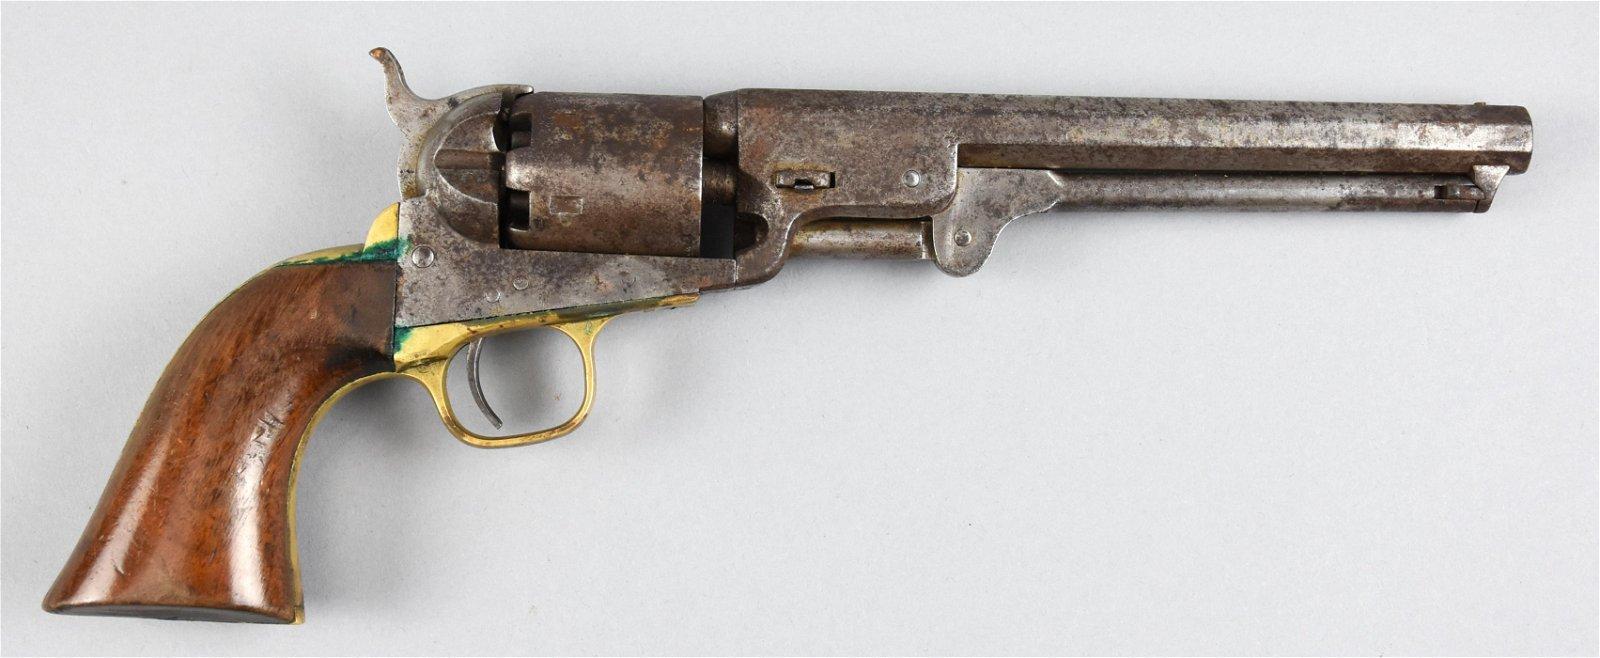 1860 Colt Army Revolver Diagram This 44 Caliber Percussion Revolver